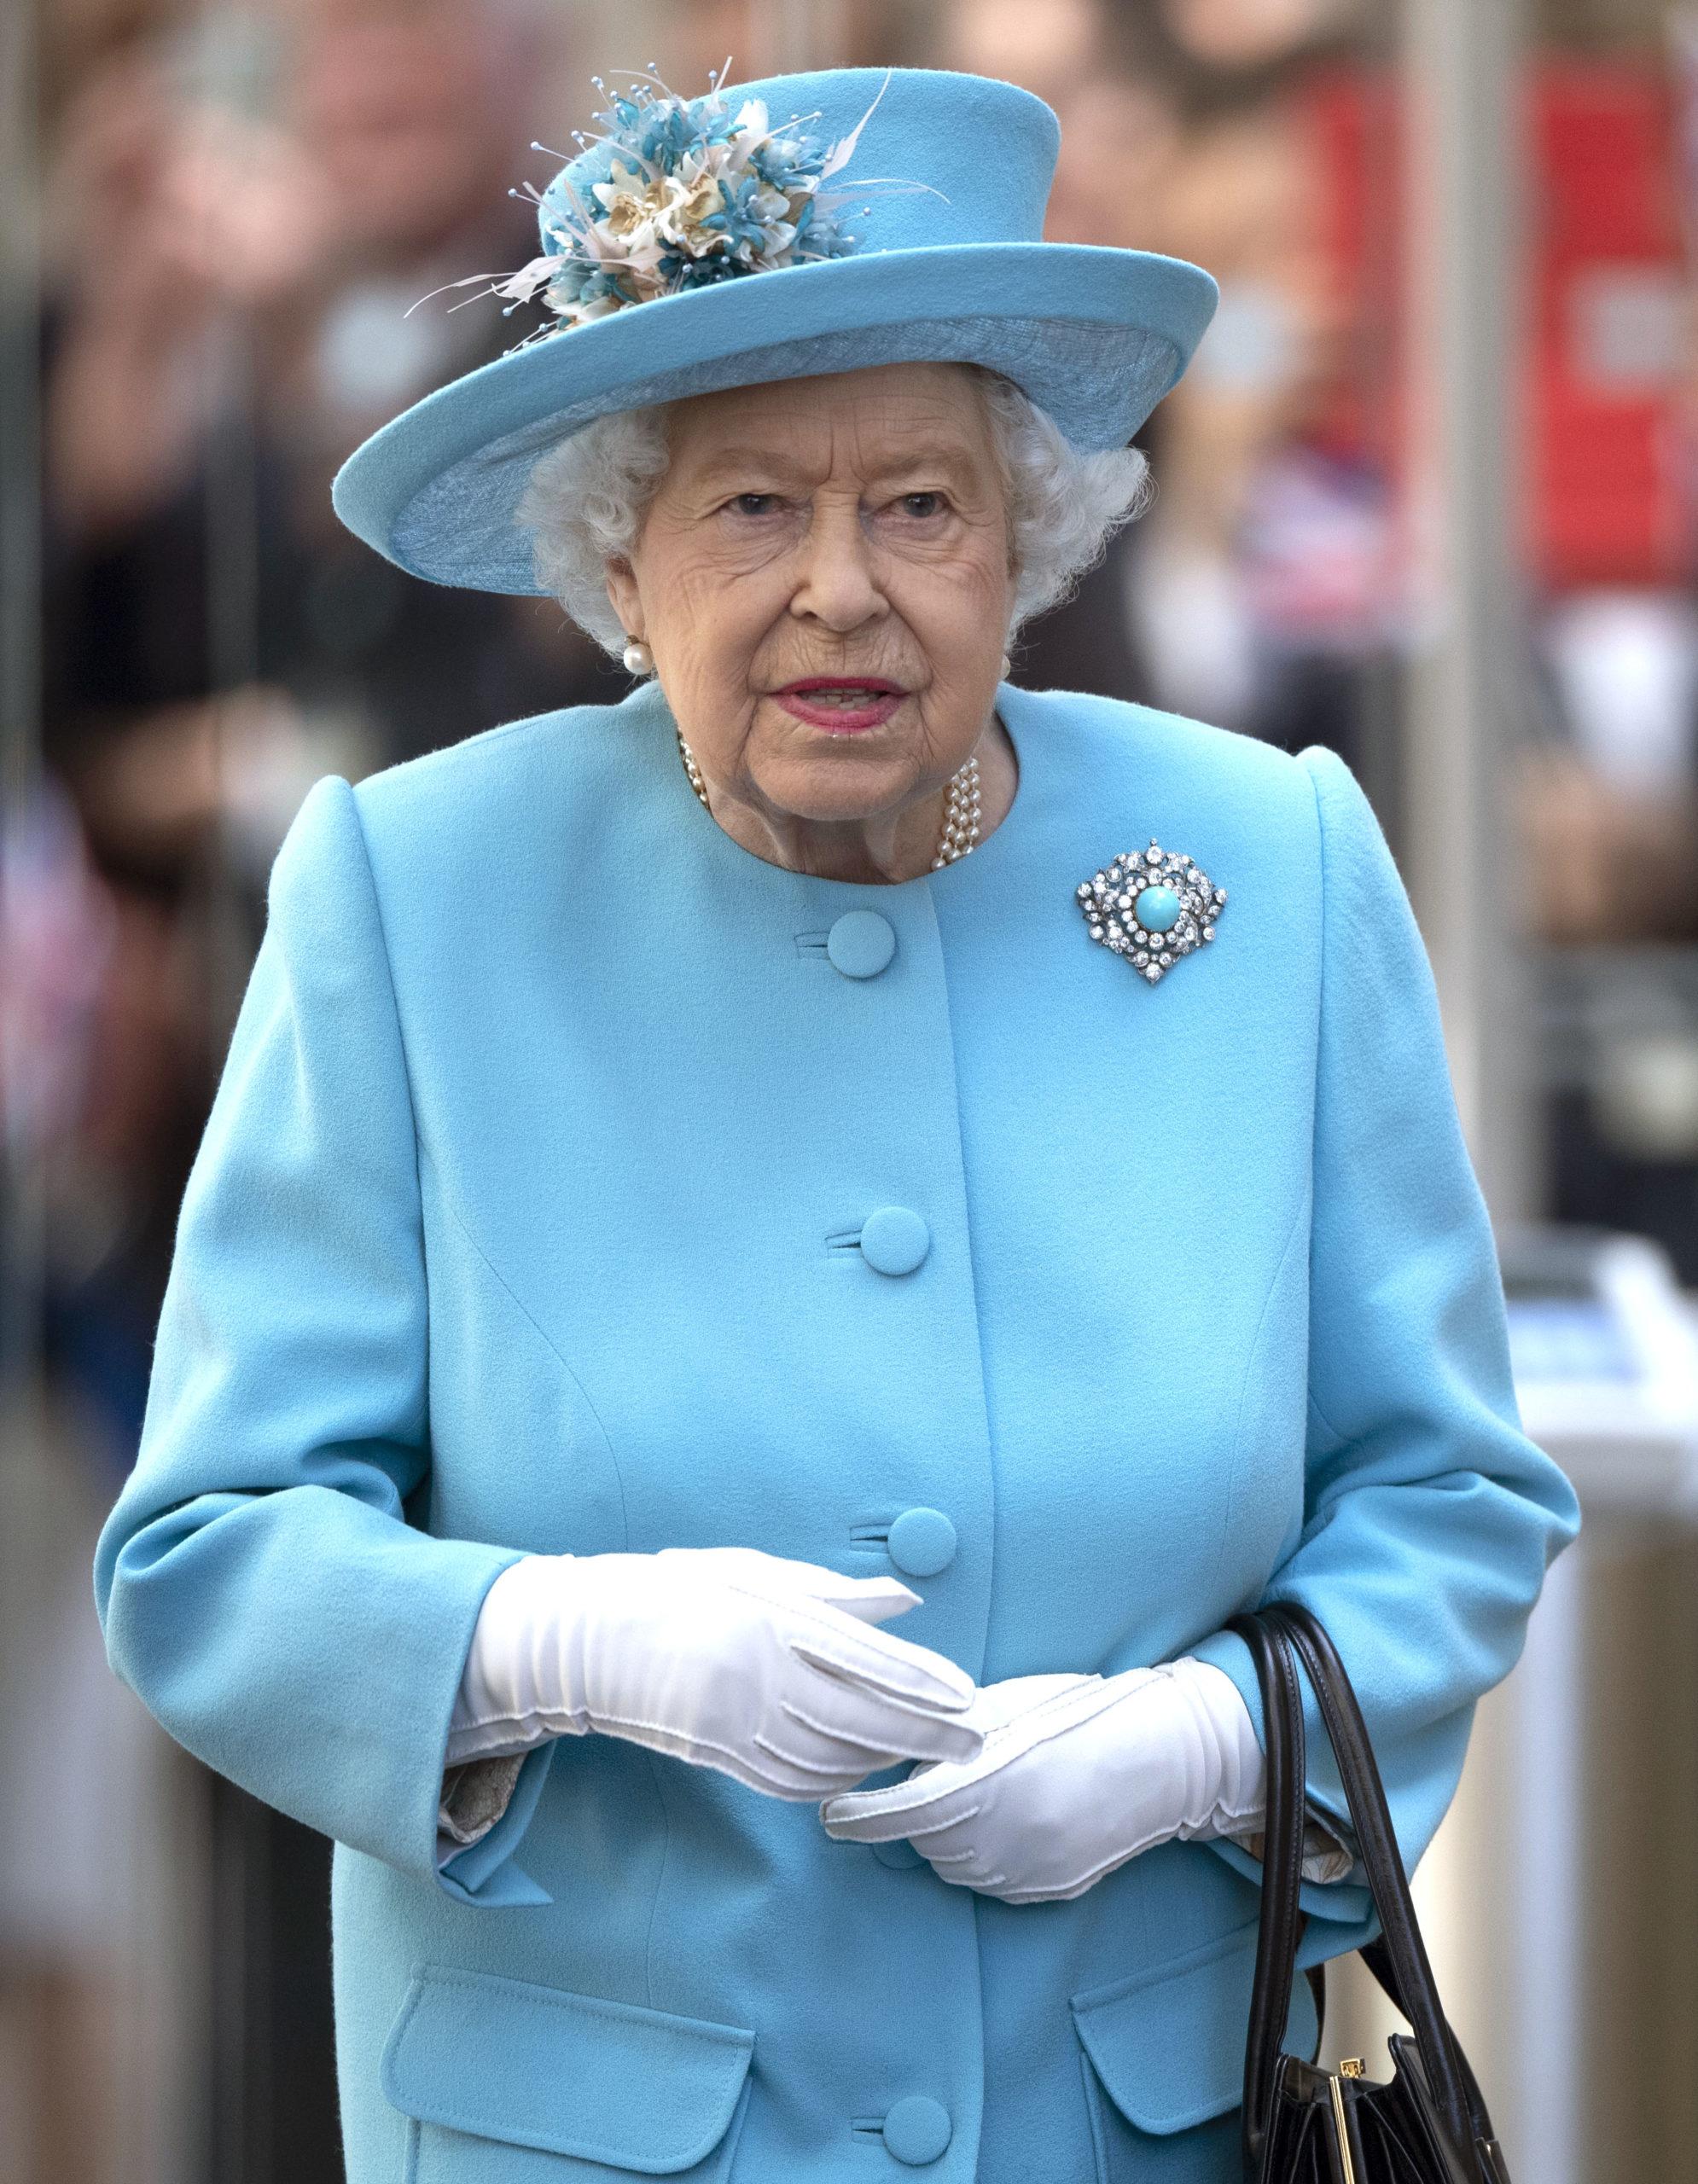 The Queen's horse